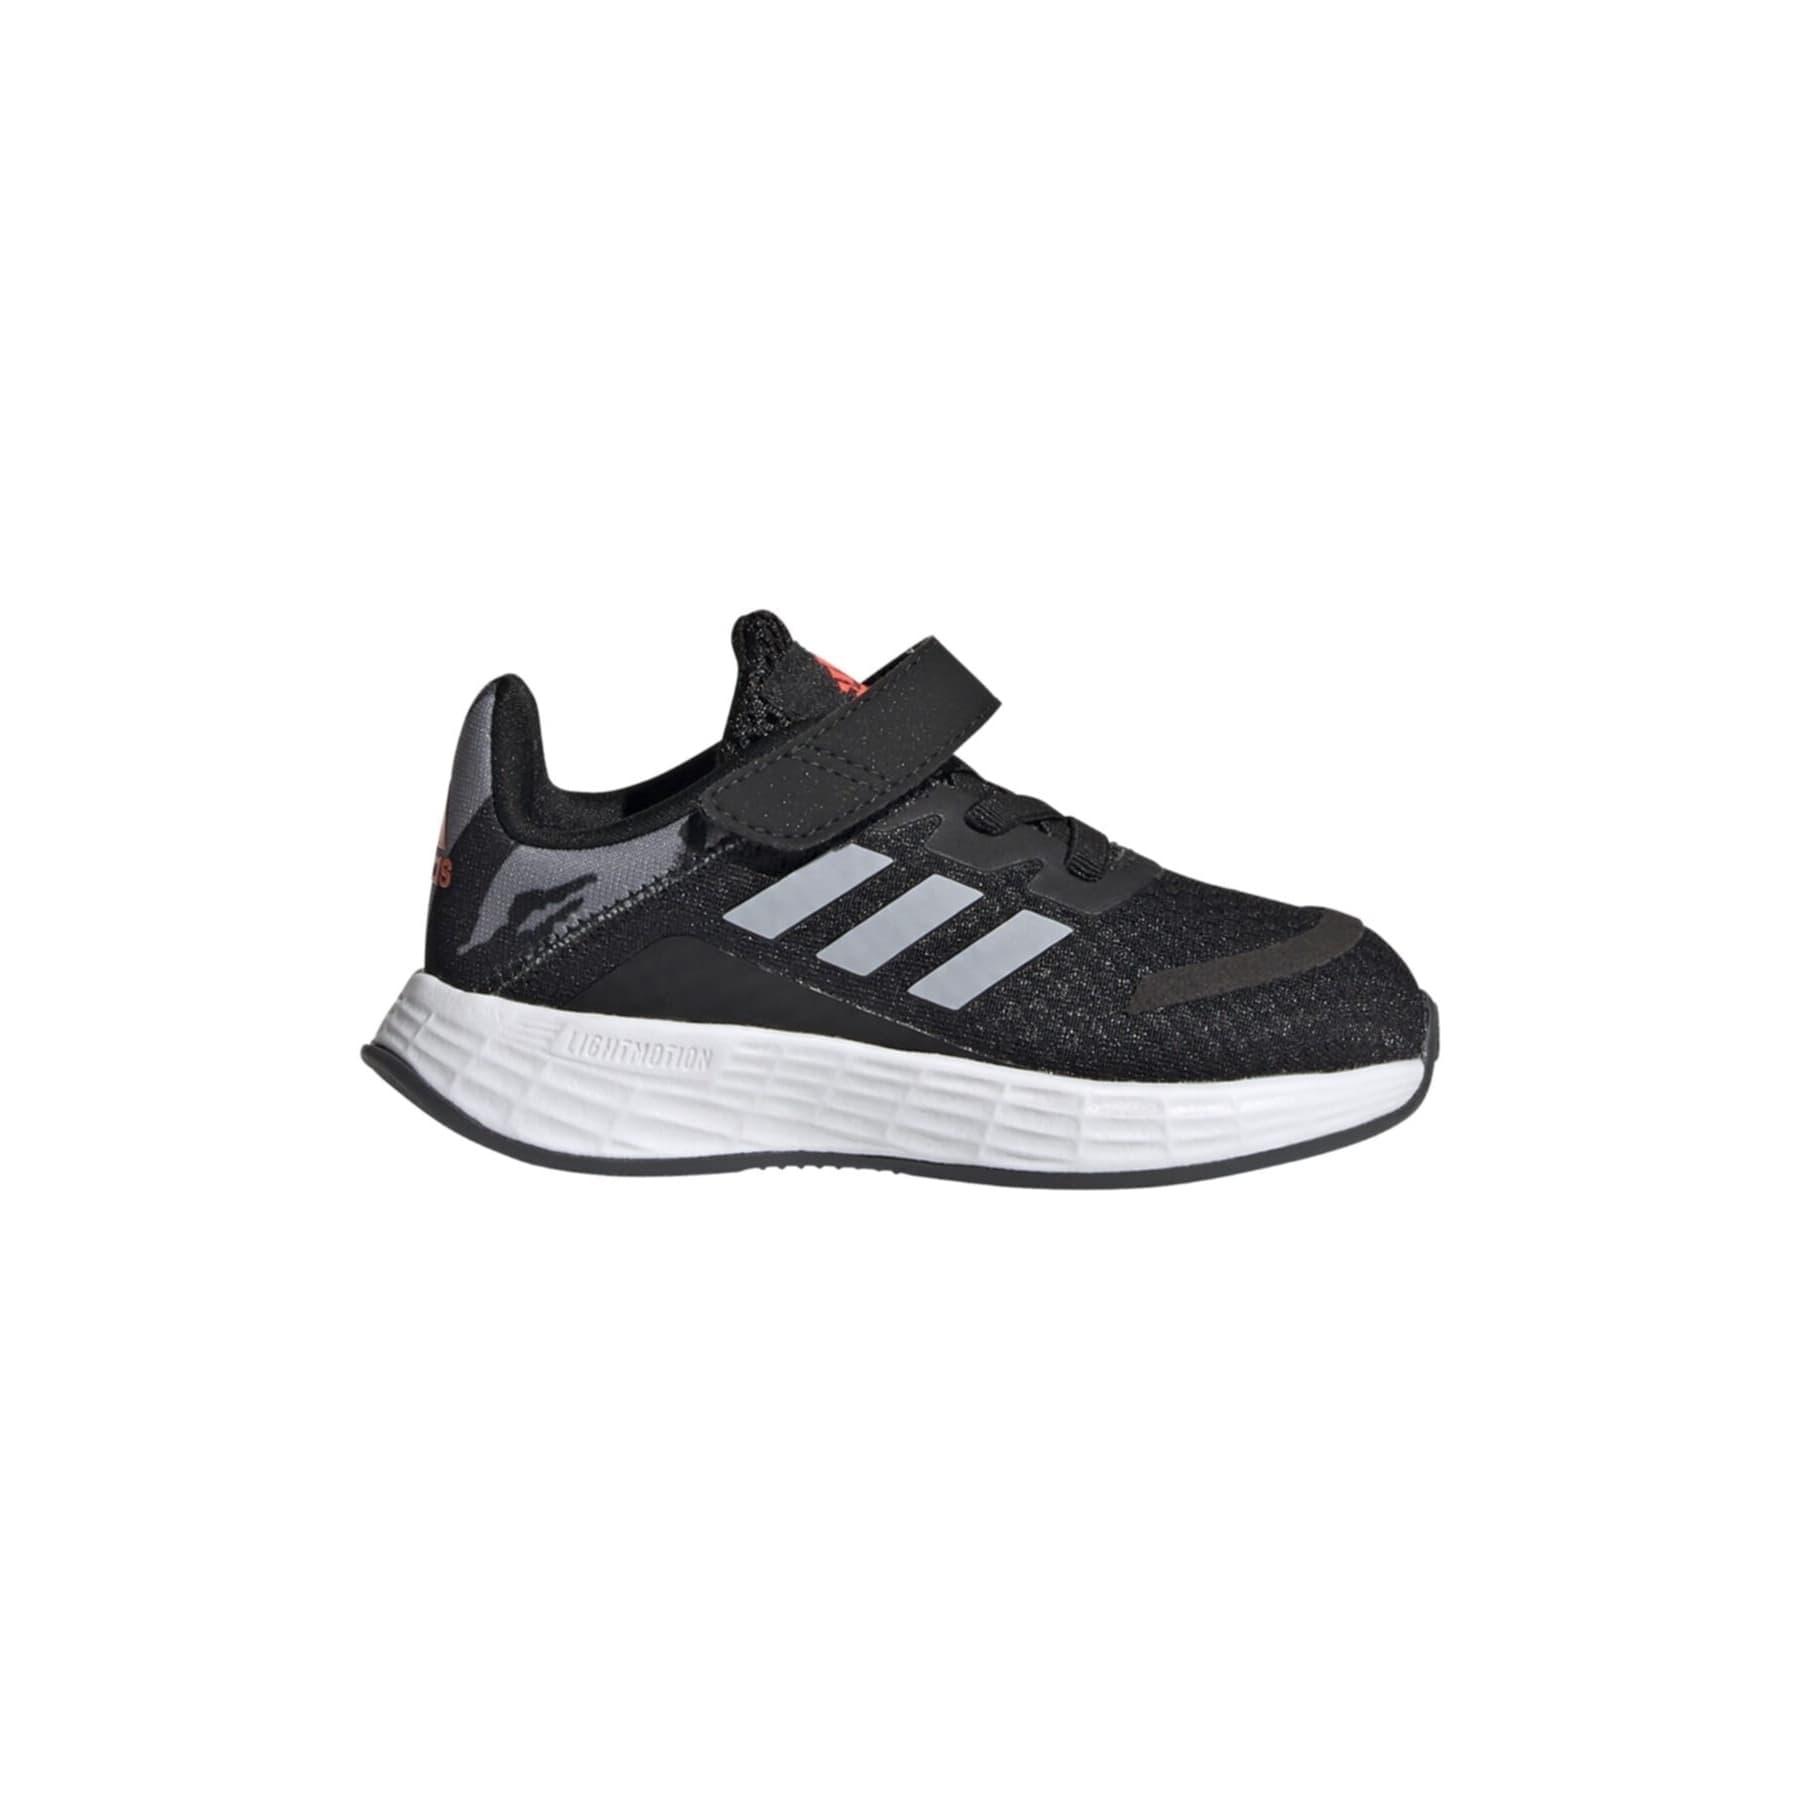 Duramo SL Çocuk Siyah Koşu Ayakkabısı (FY9178)